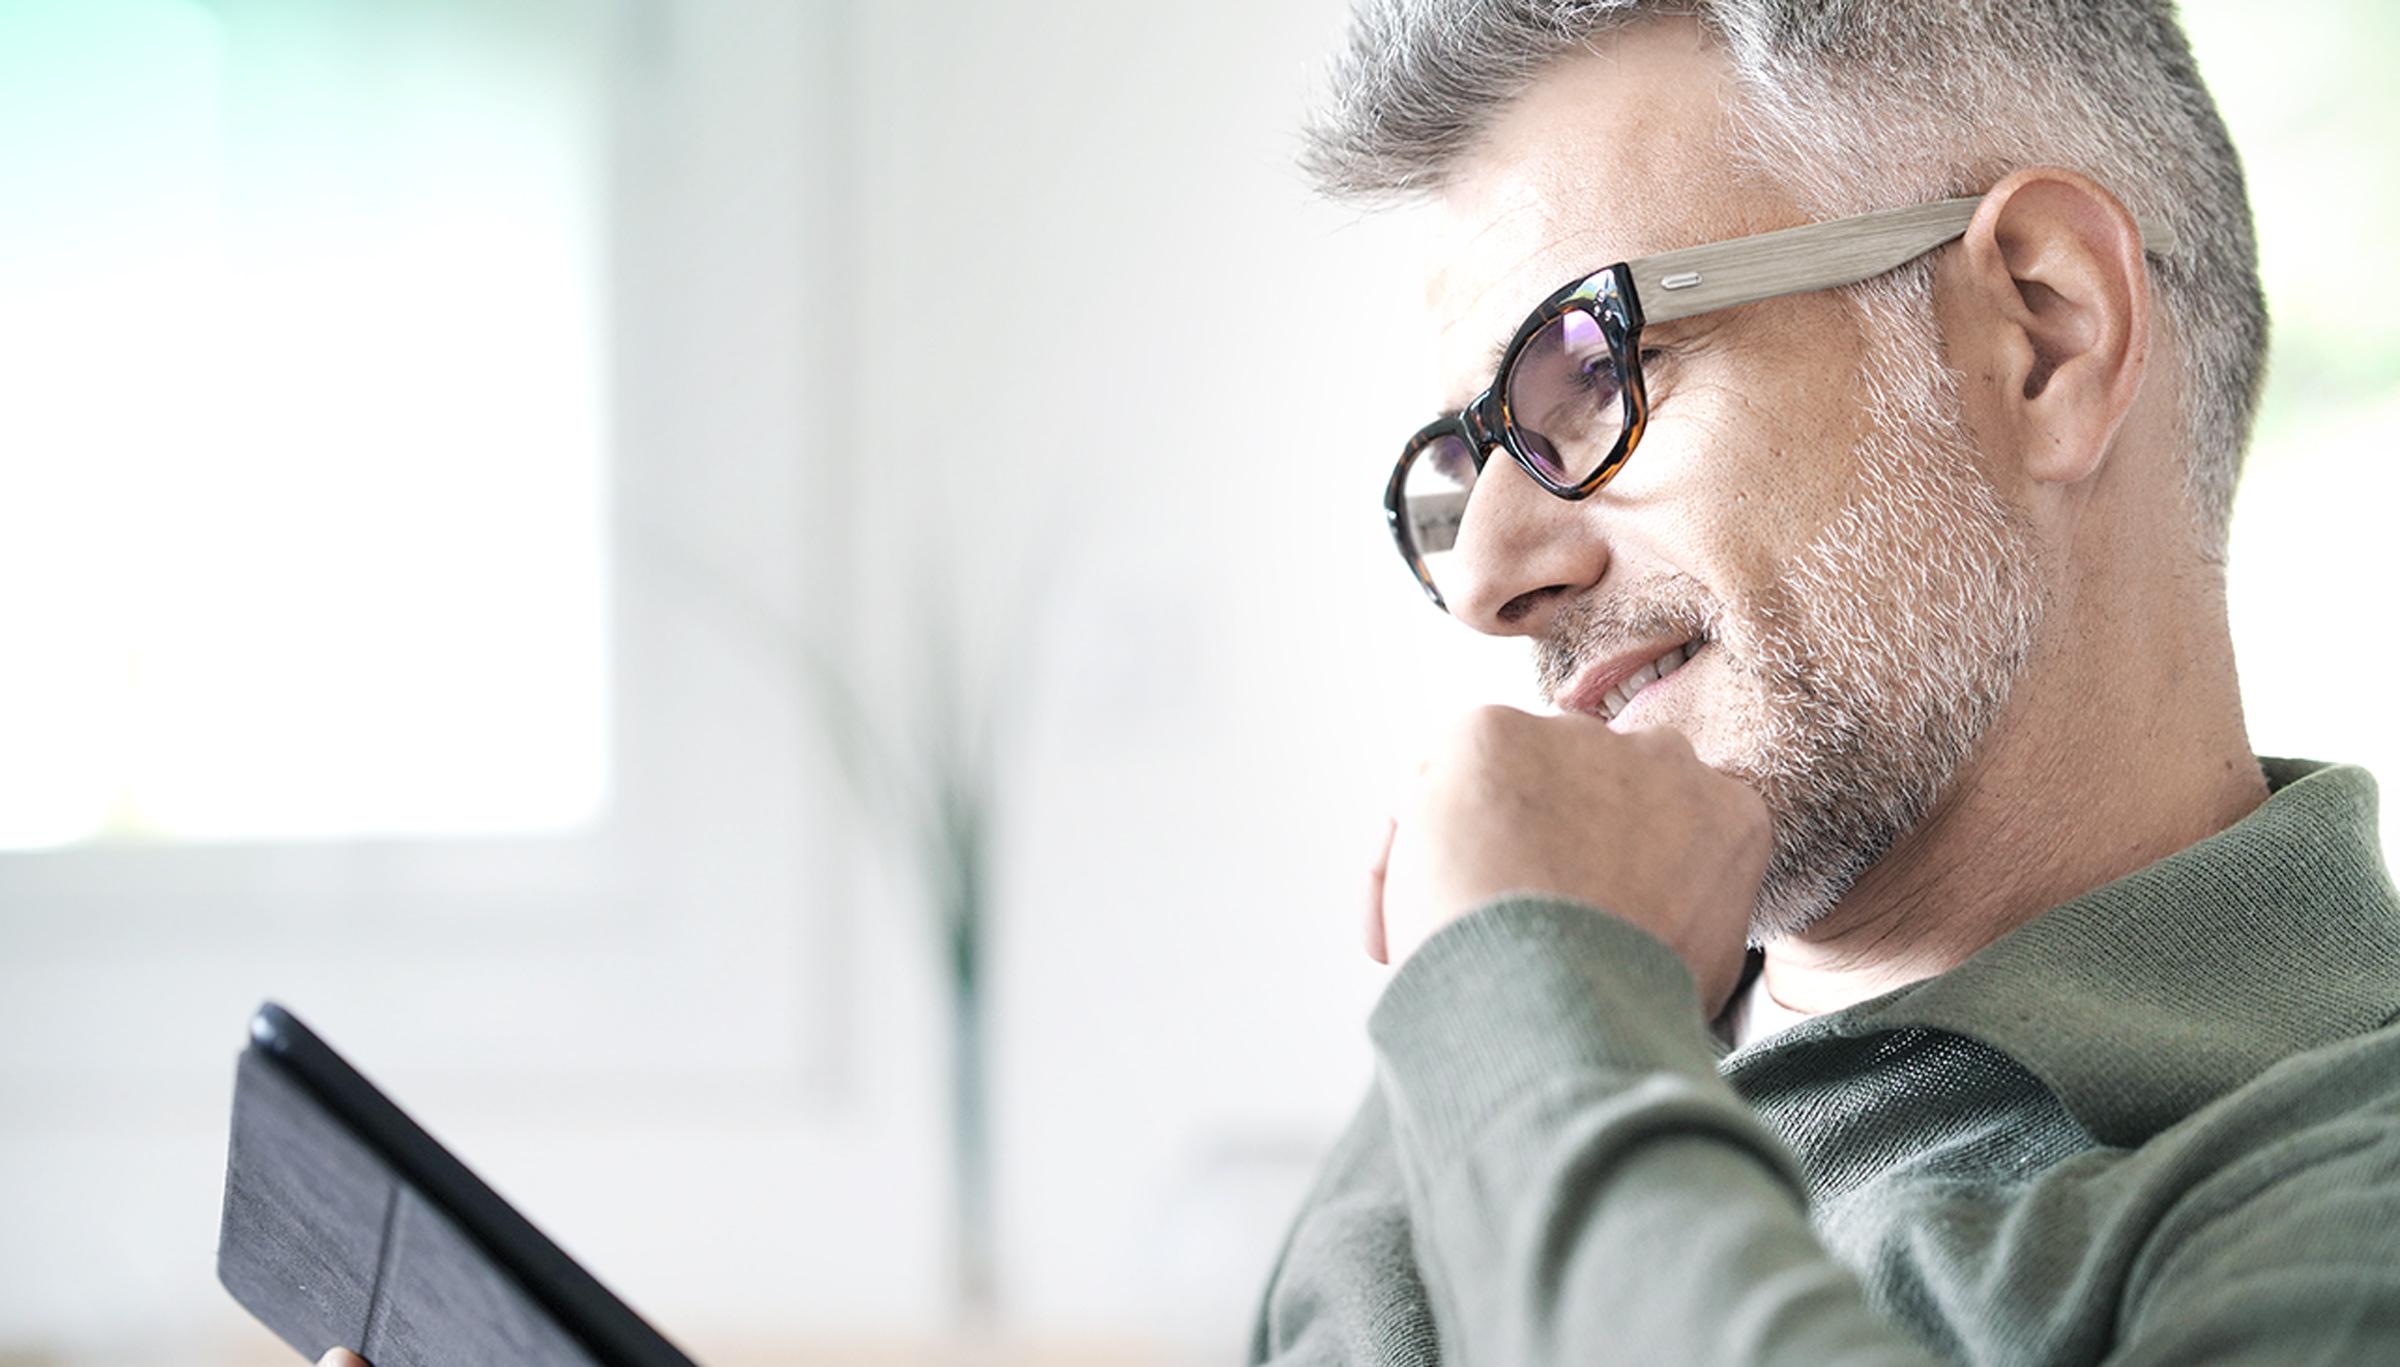 Zadowolony inwestor i klient LYNX sprawdzający swój portfel inwestycyjny na tablecie